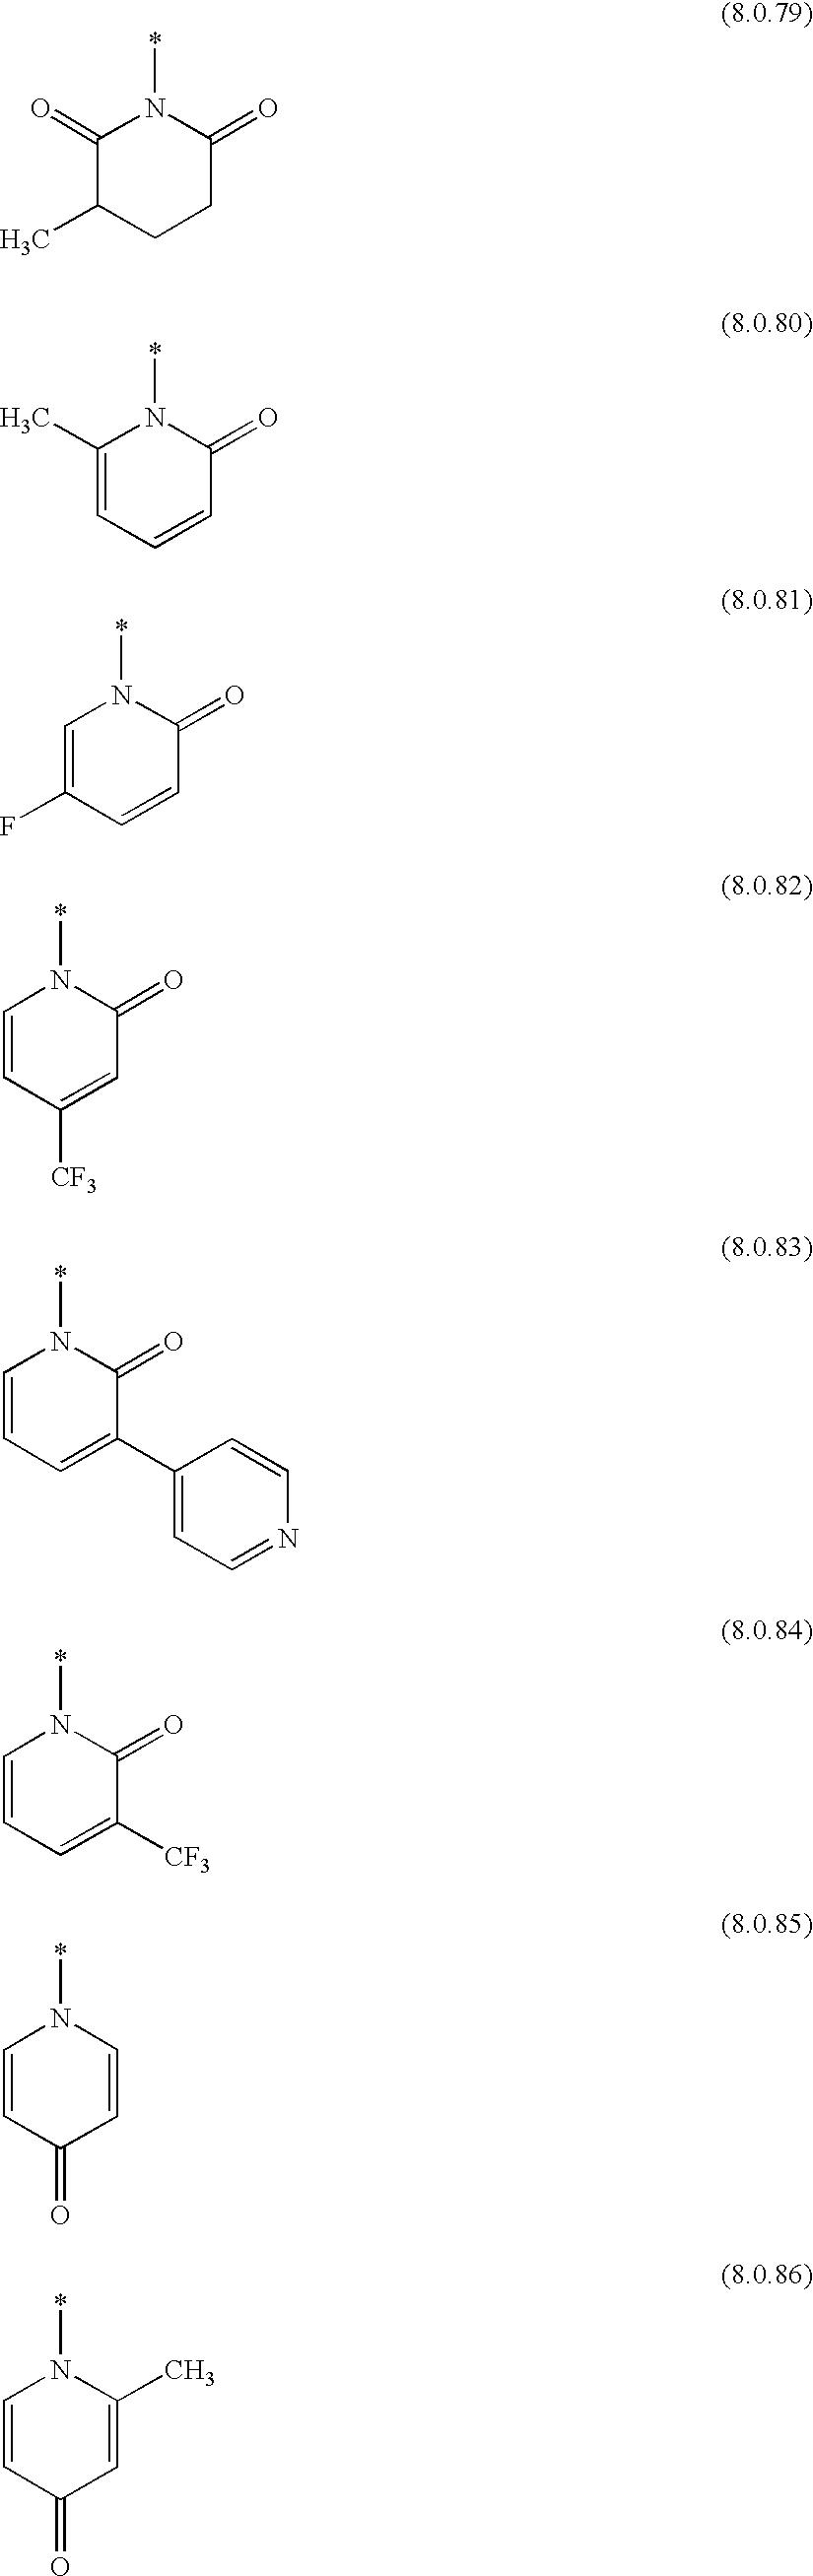 Figure US20030186974A1-20031002-C00213